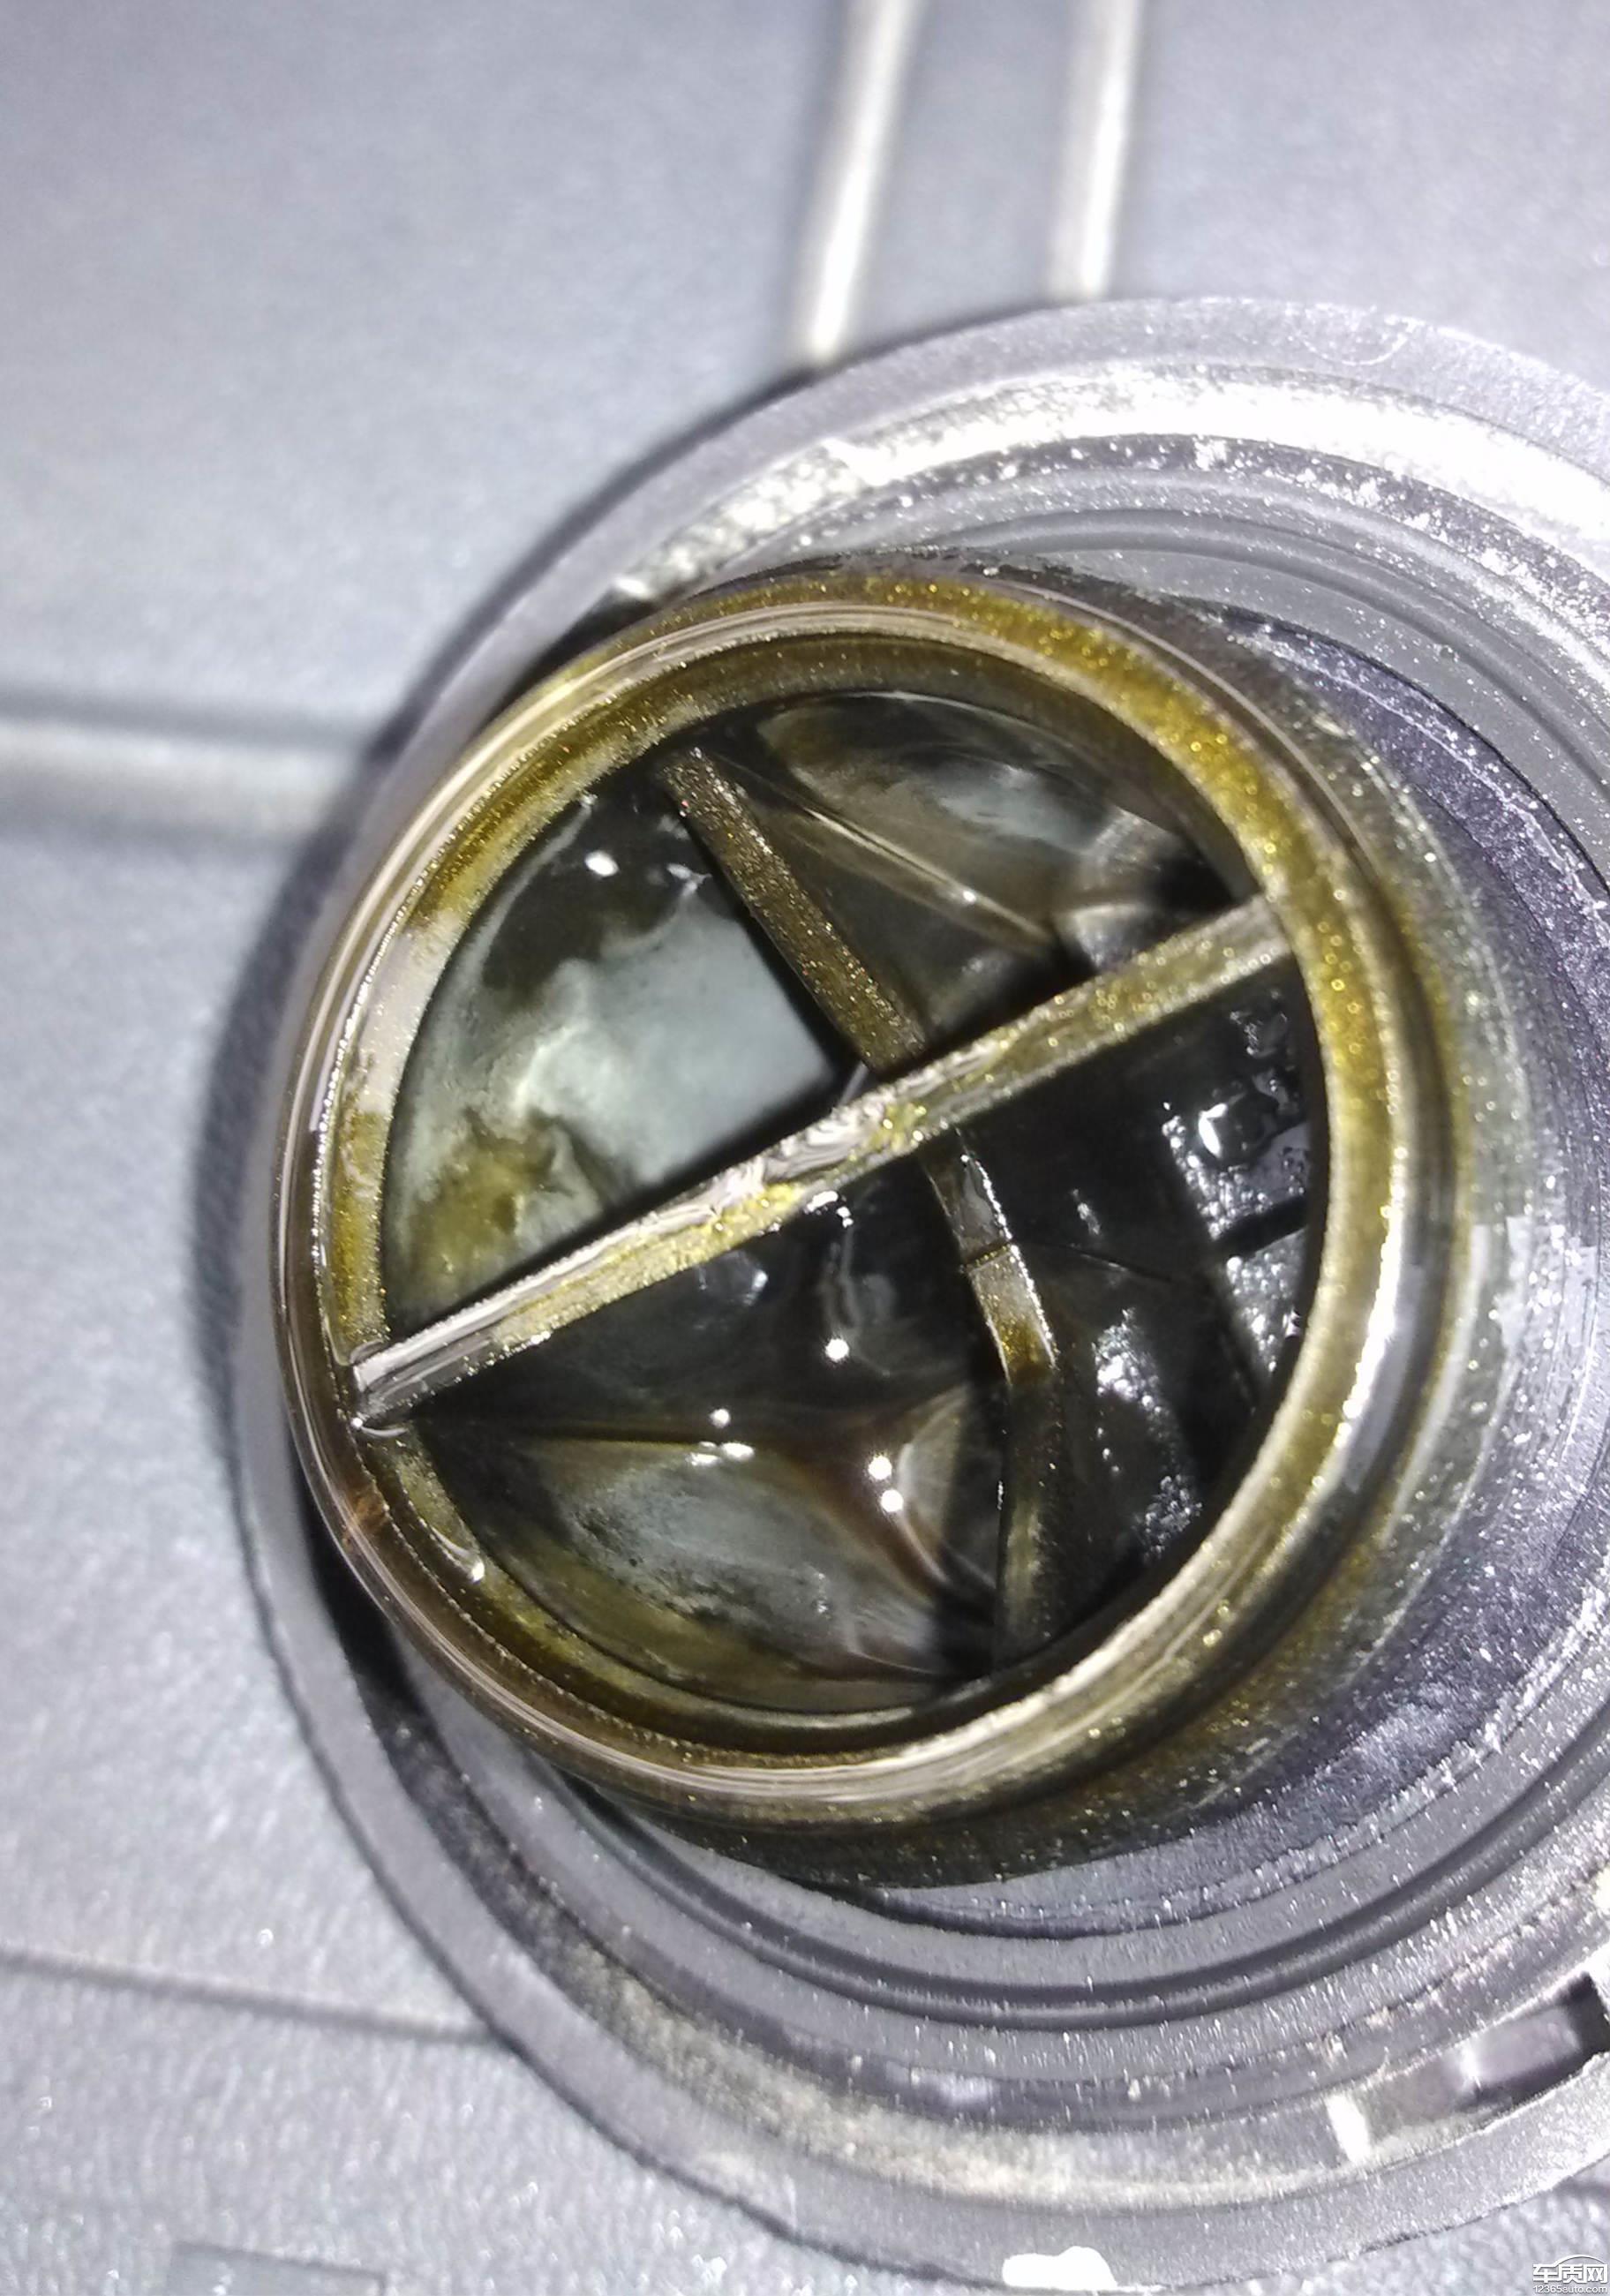 长安suv cs35机油乳化油耗高高清图片